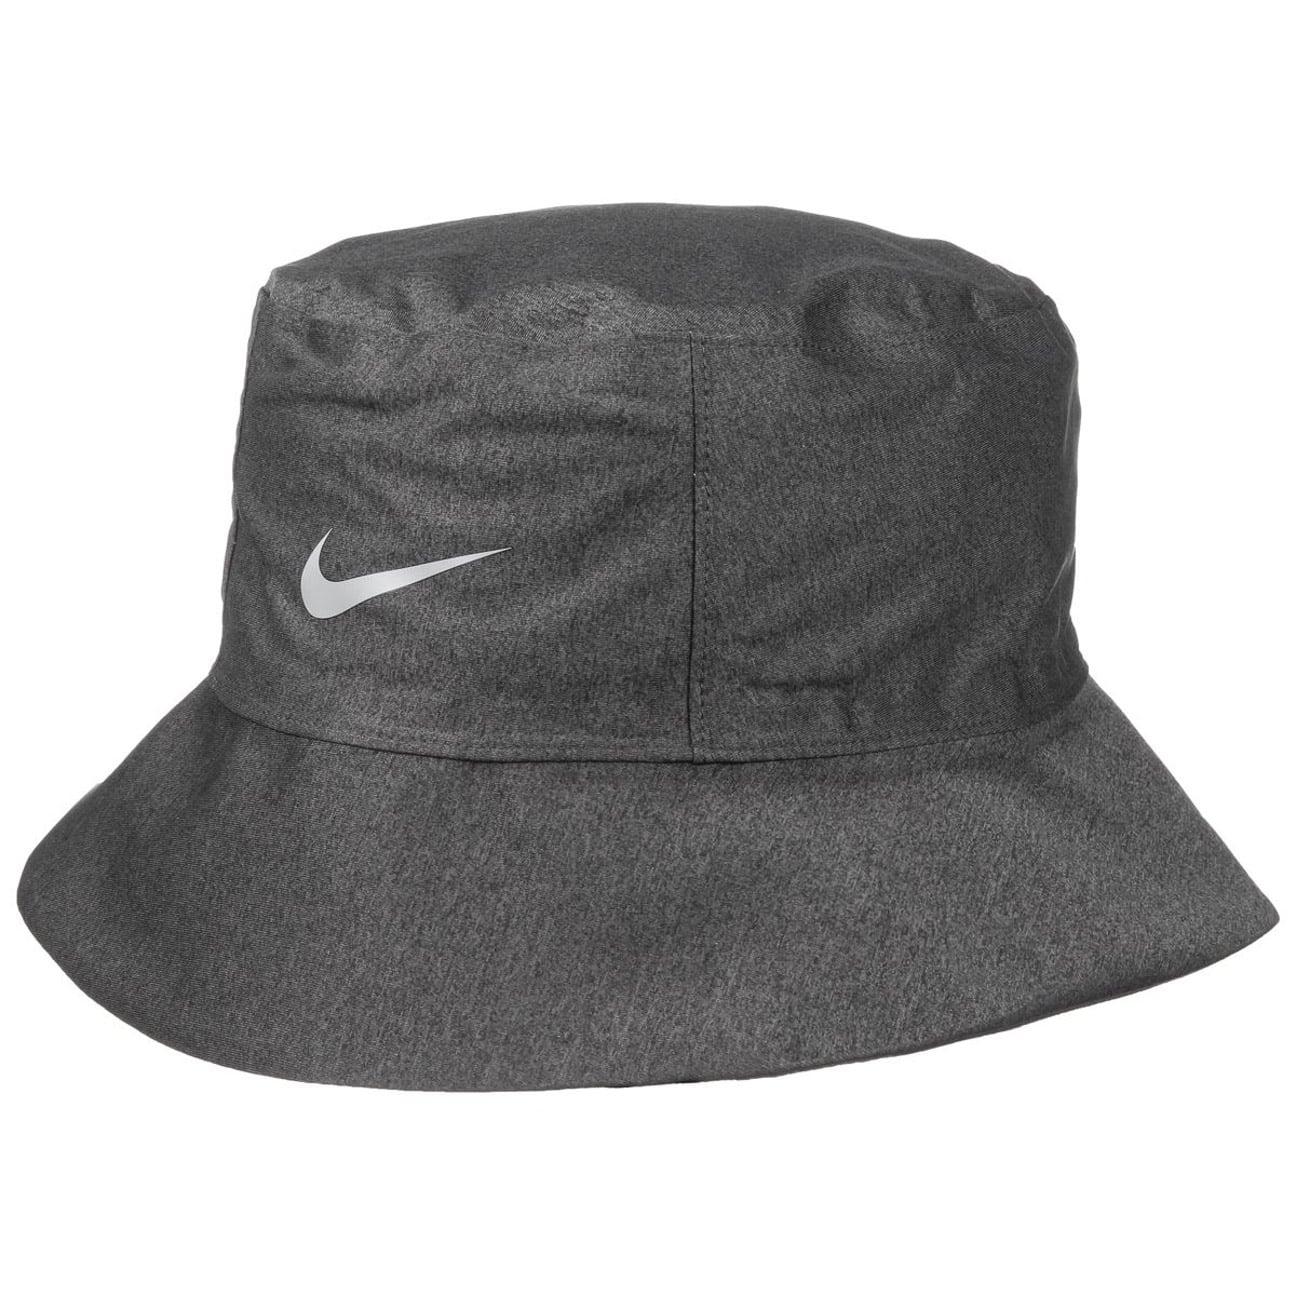 Sombrero Outdoor Storm-Fit Golf by Nike - Sombreros - sombreroshop.es b8dcd47e786